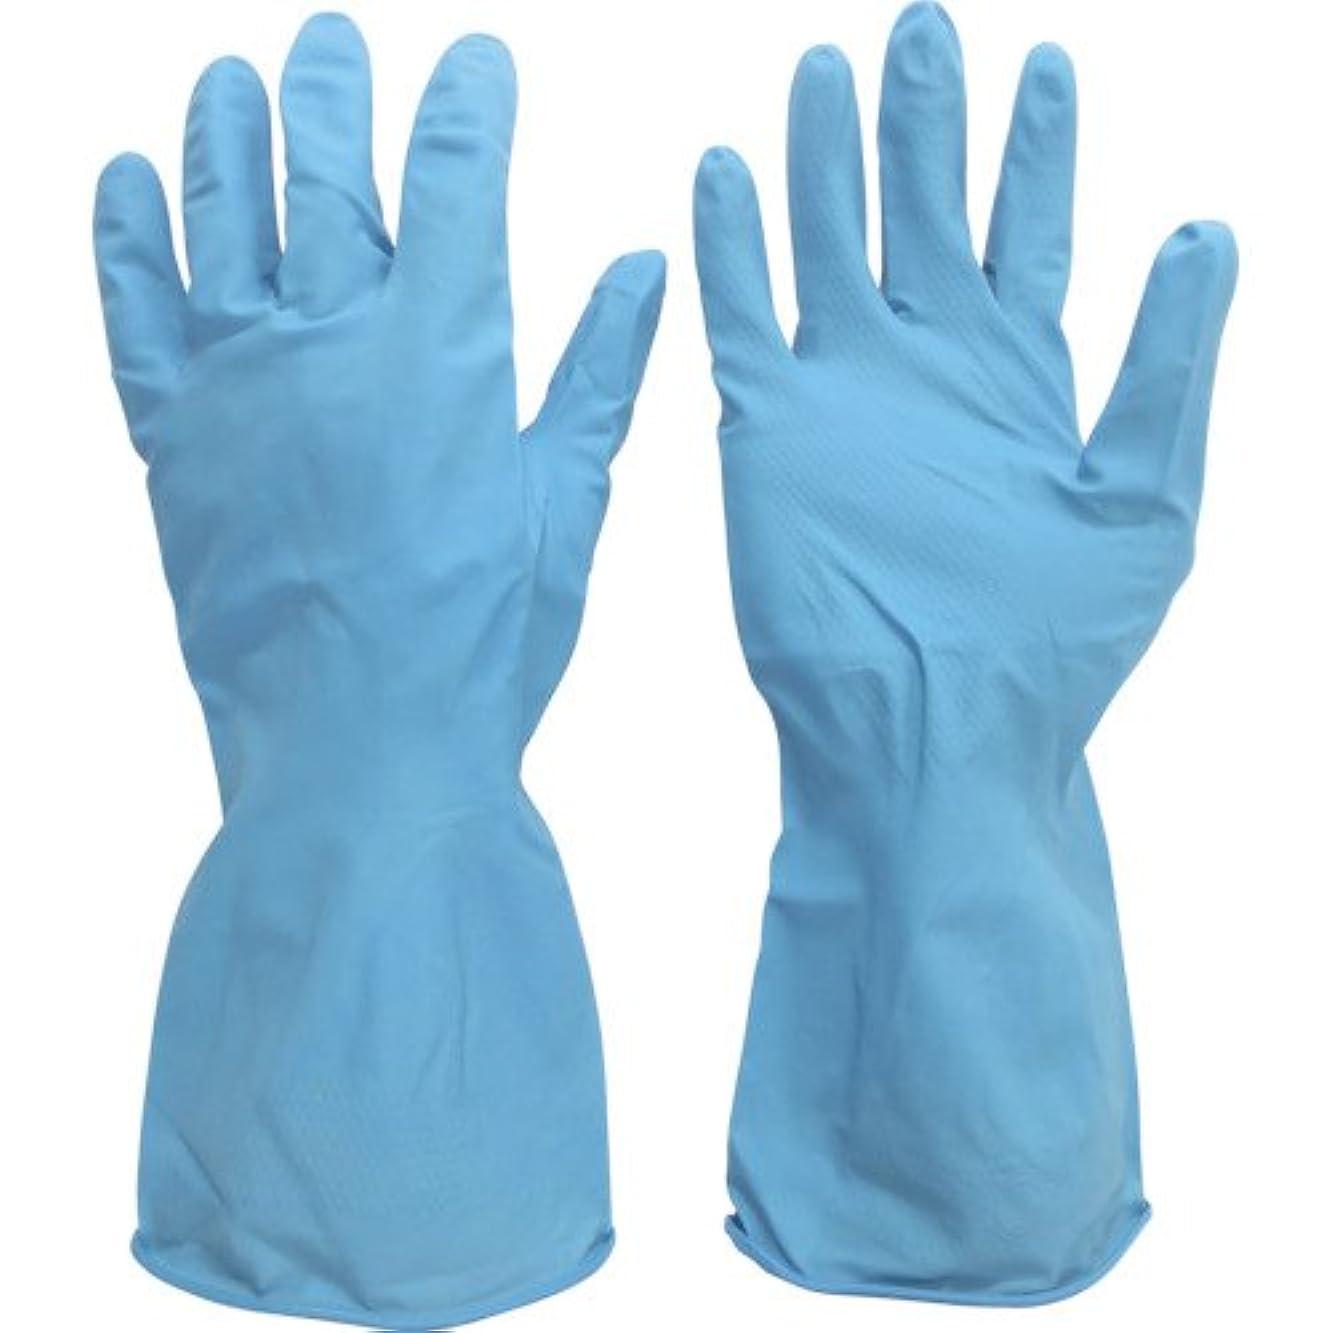 非難するバーガー技術ミドリ安全 ニトリル薄手手袋 ベルテ270 1双入 S VERTE-270-S